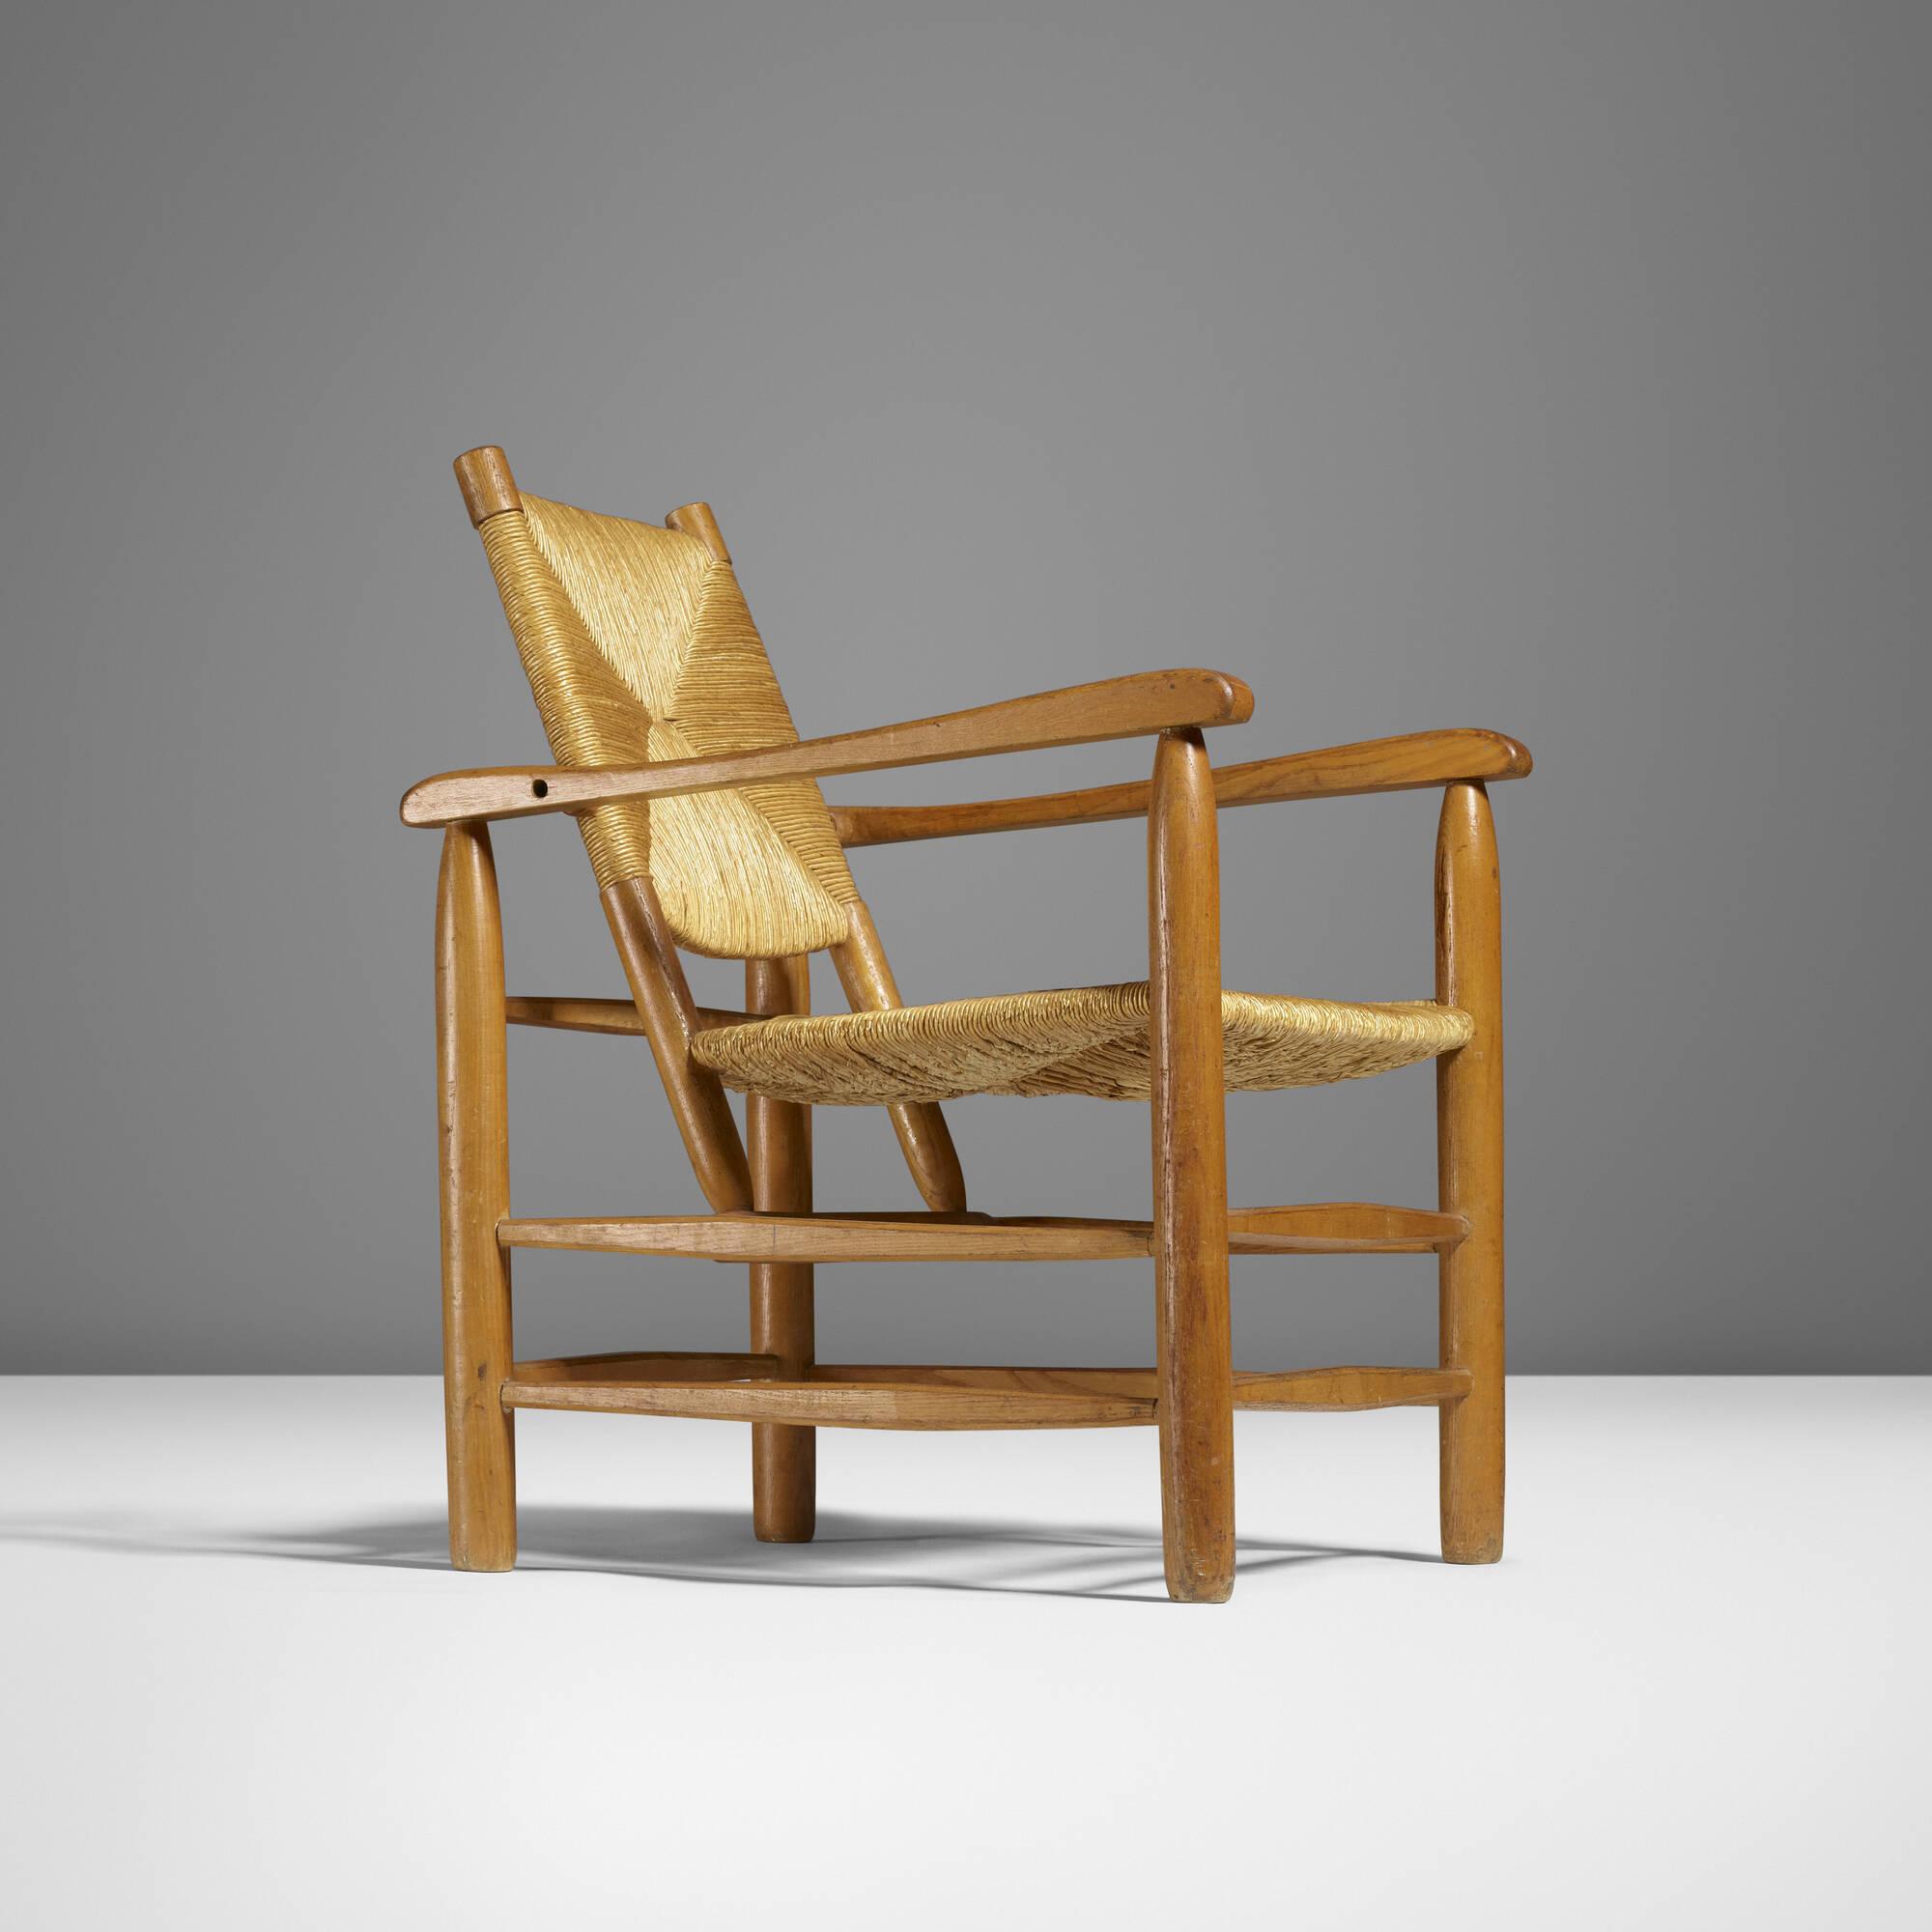 Stupendous 233 Charlotte Perriand Lounge Chair The Design Inzonedesignstudio Interior Chair Design Inzonedesignstudiocom